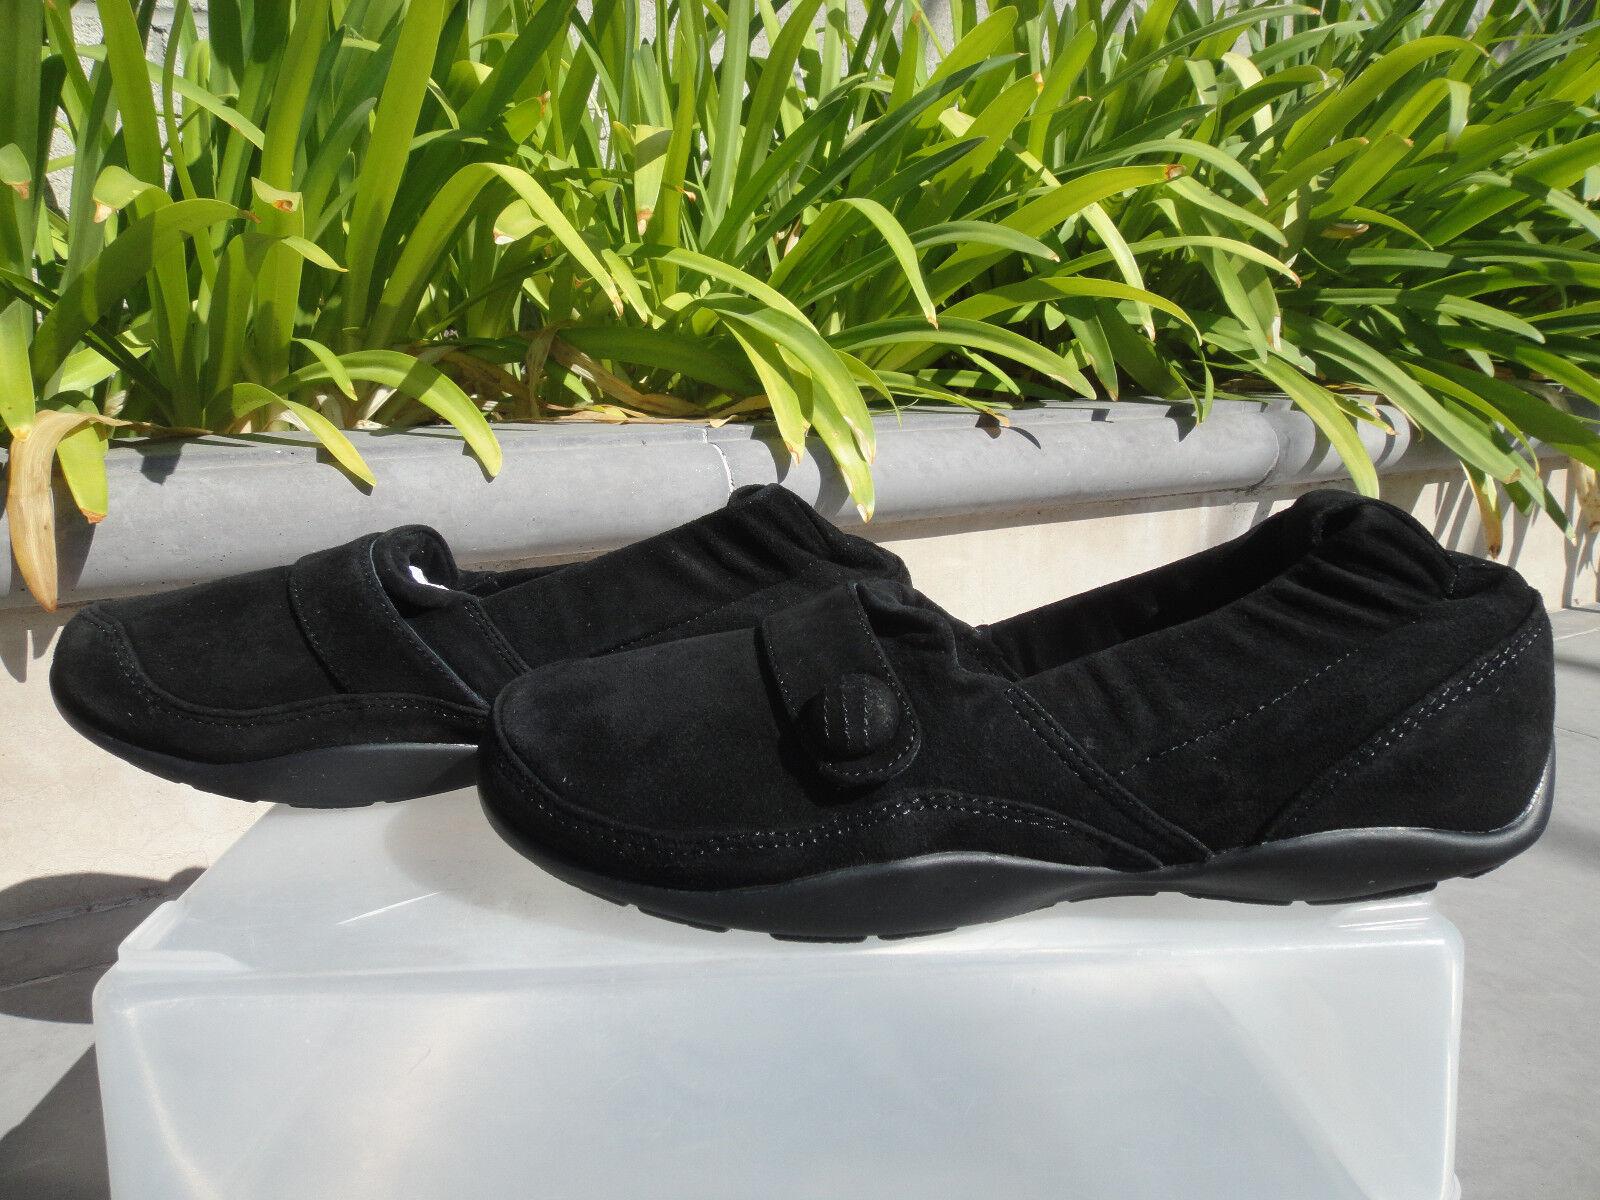 Dansko CAROL nero Suede Loafers, Footbed Footbed Footbed Wedge Slip-On Comfort scarpe Sz EUR37 a9da75